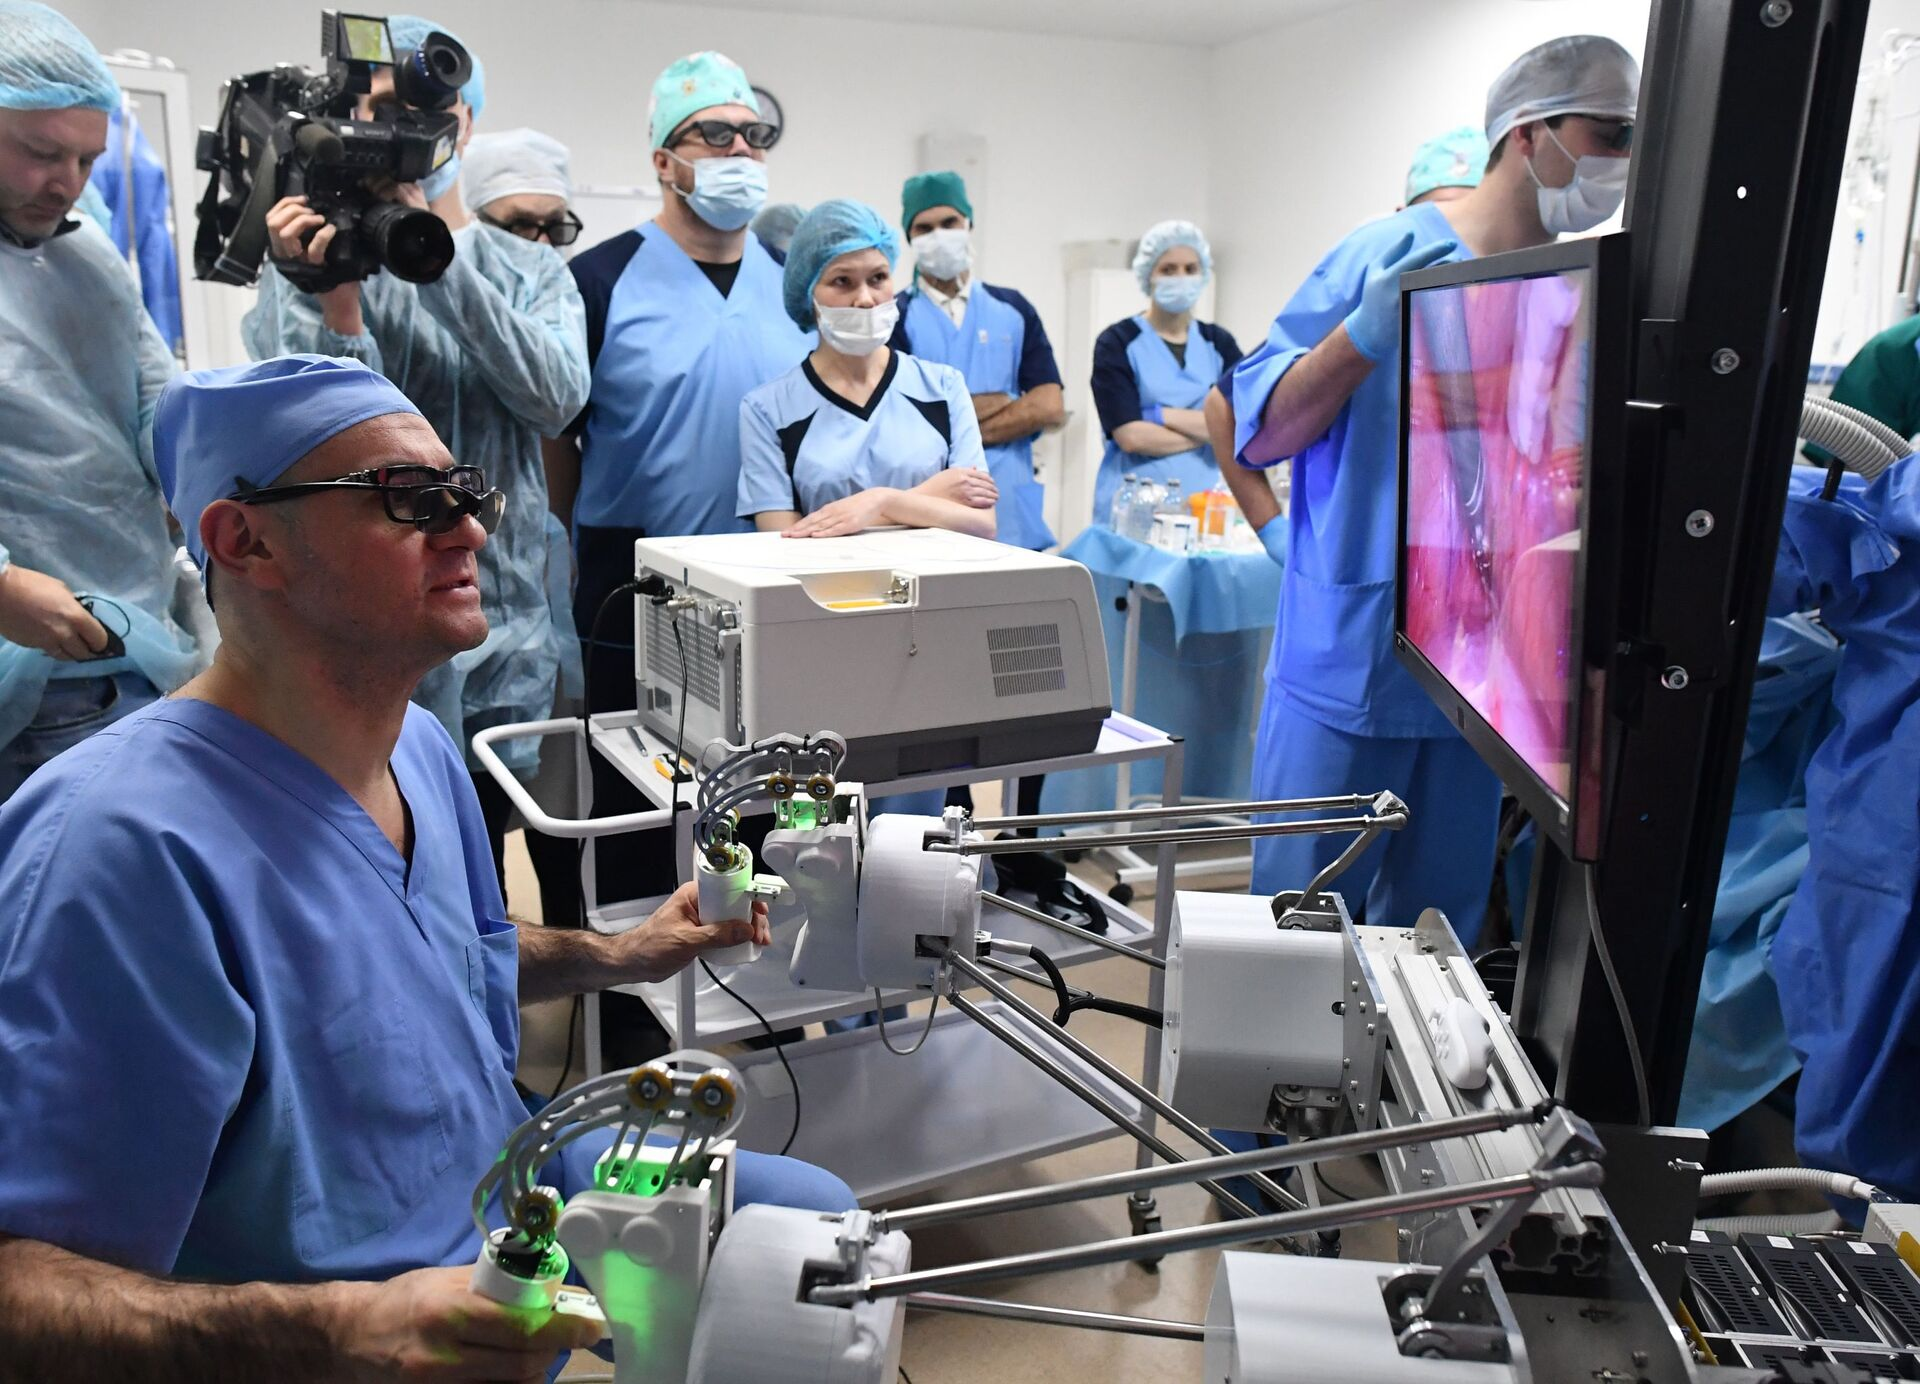 Јединствени робот-хирург: Због чега је руска верзија боља од америчке /фото/ - Sputnik Србија, 1920, 14.02.2021